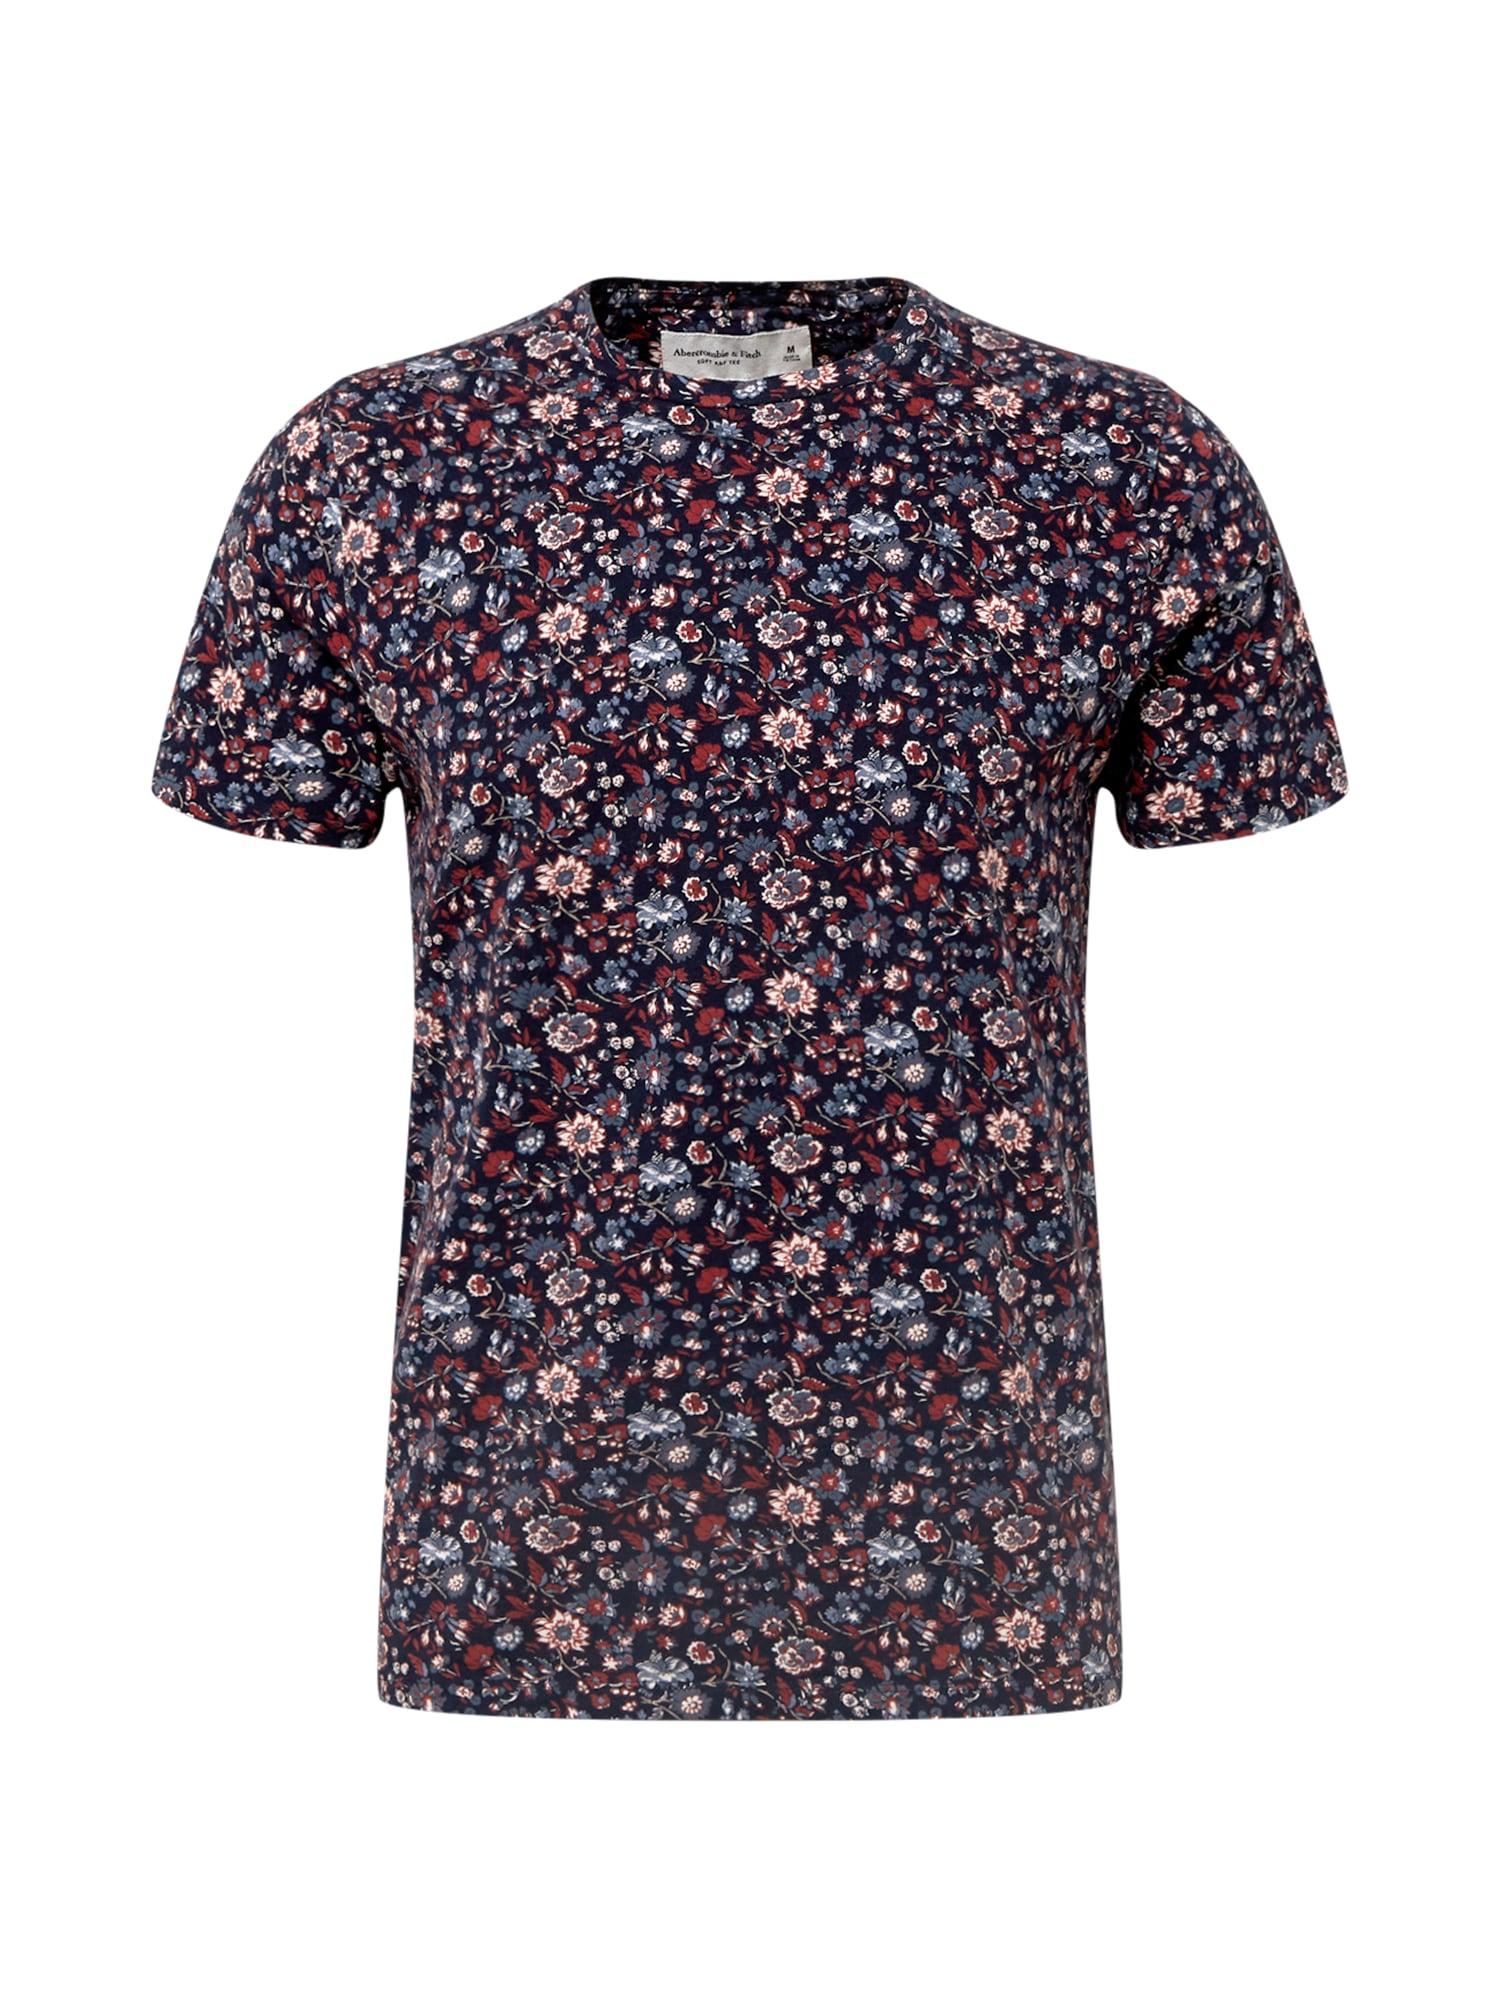 Abercrombie & Fitch Marškinėliai tamsiai mėlyna / mišrios spalvos